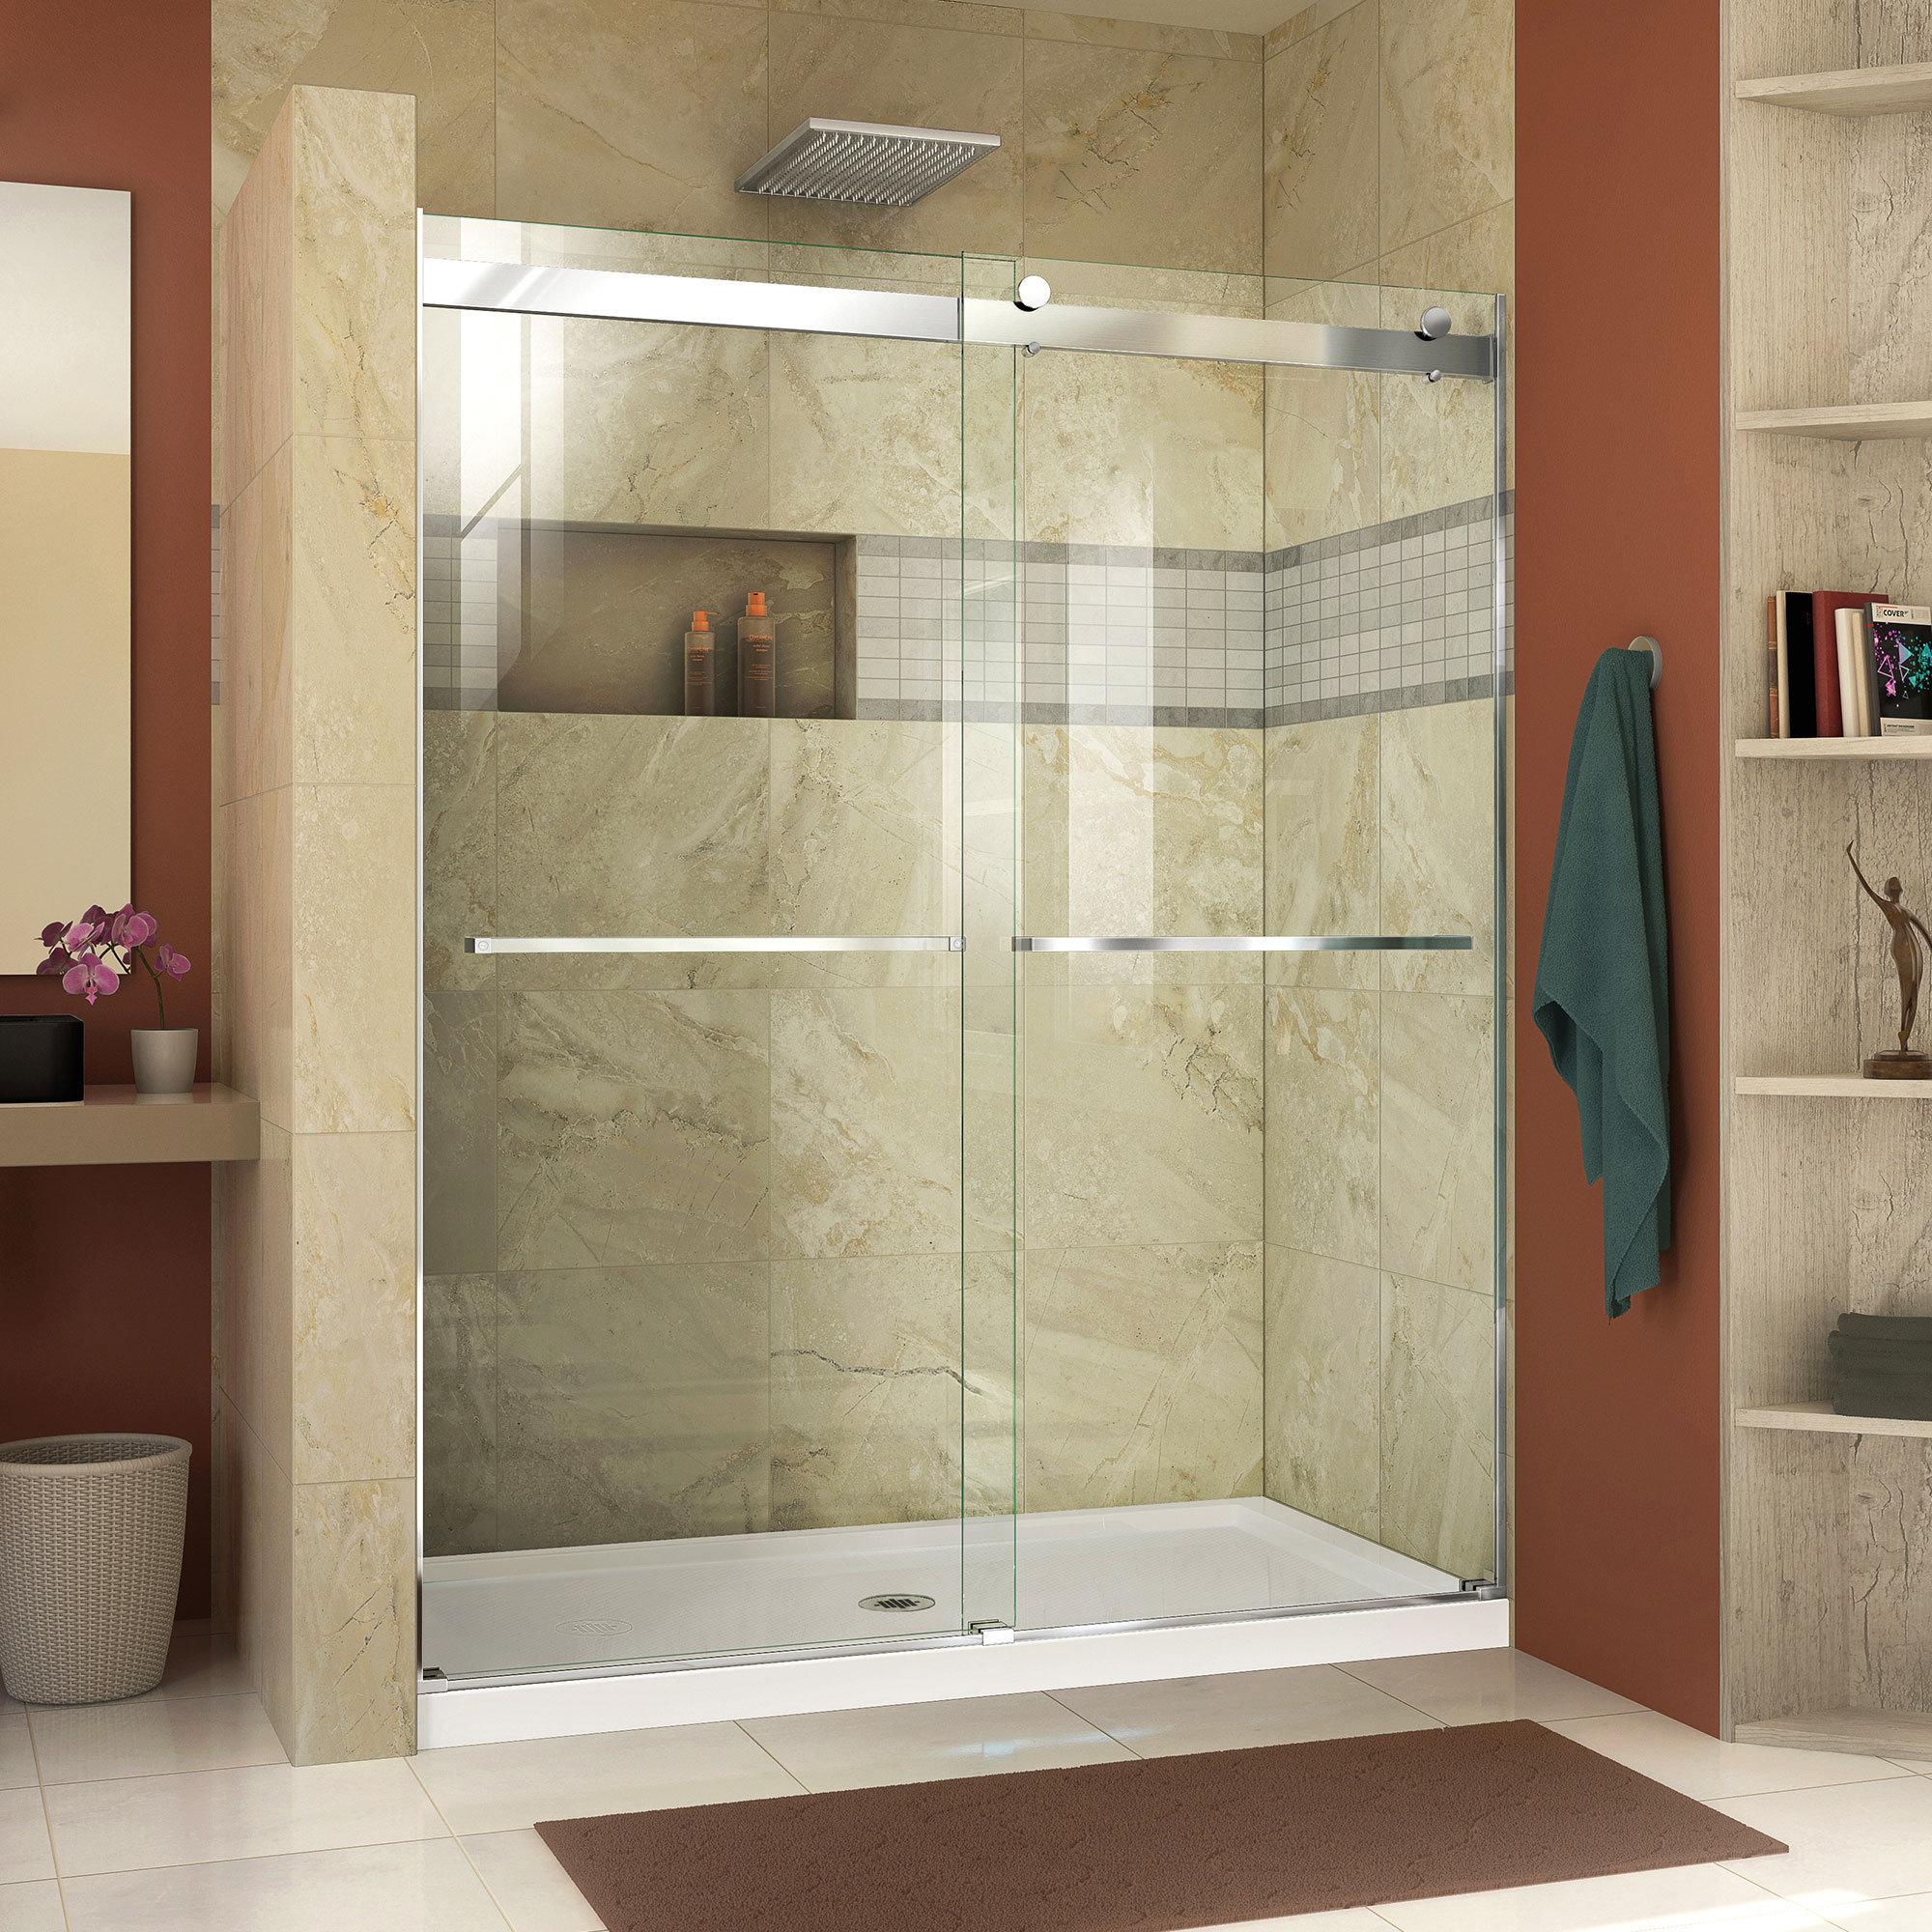 Dreamline Essence 60 X 76 Bypass Semi Frameless Shower Door With